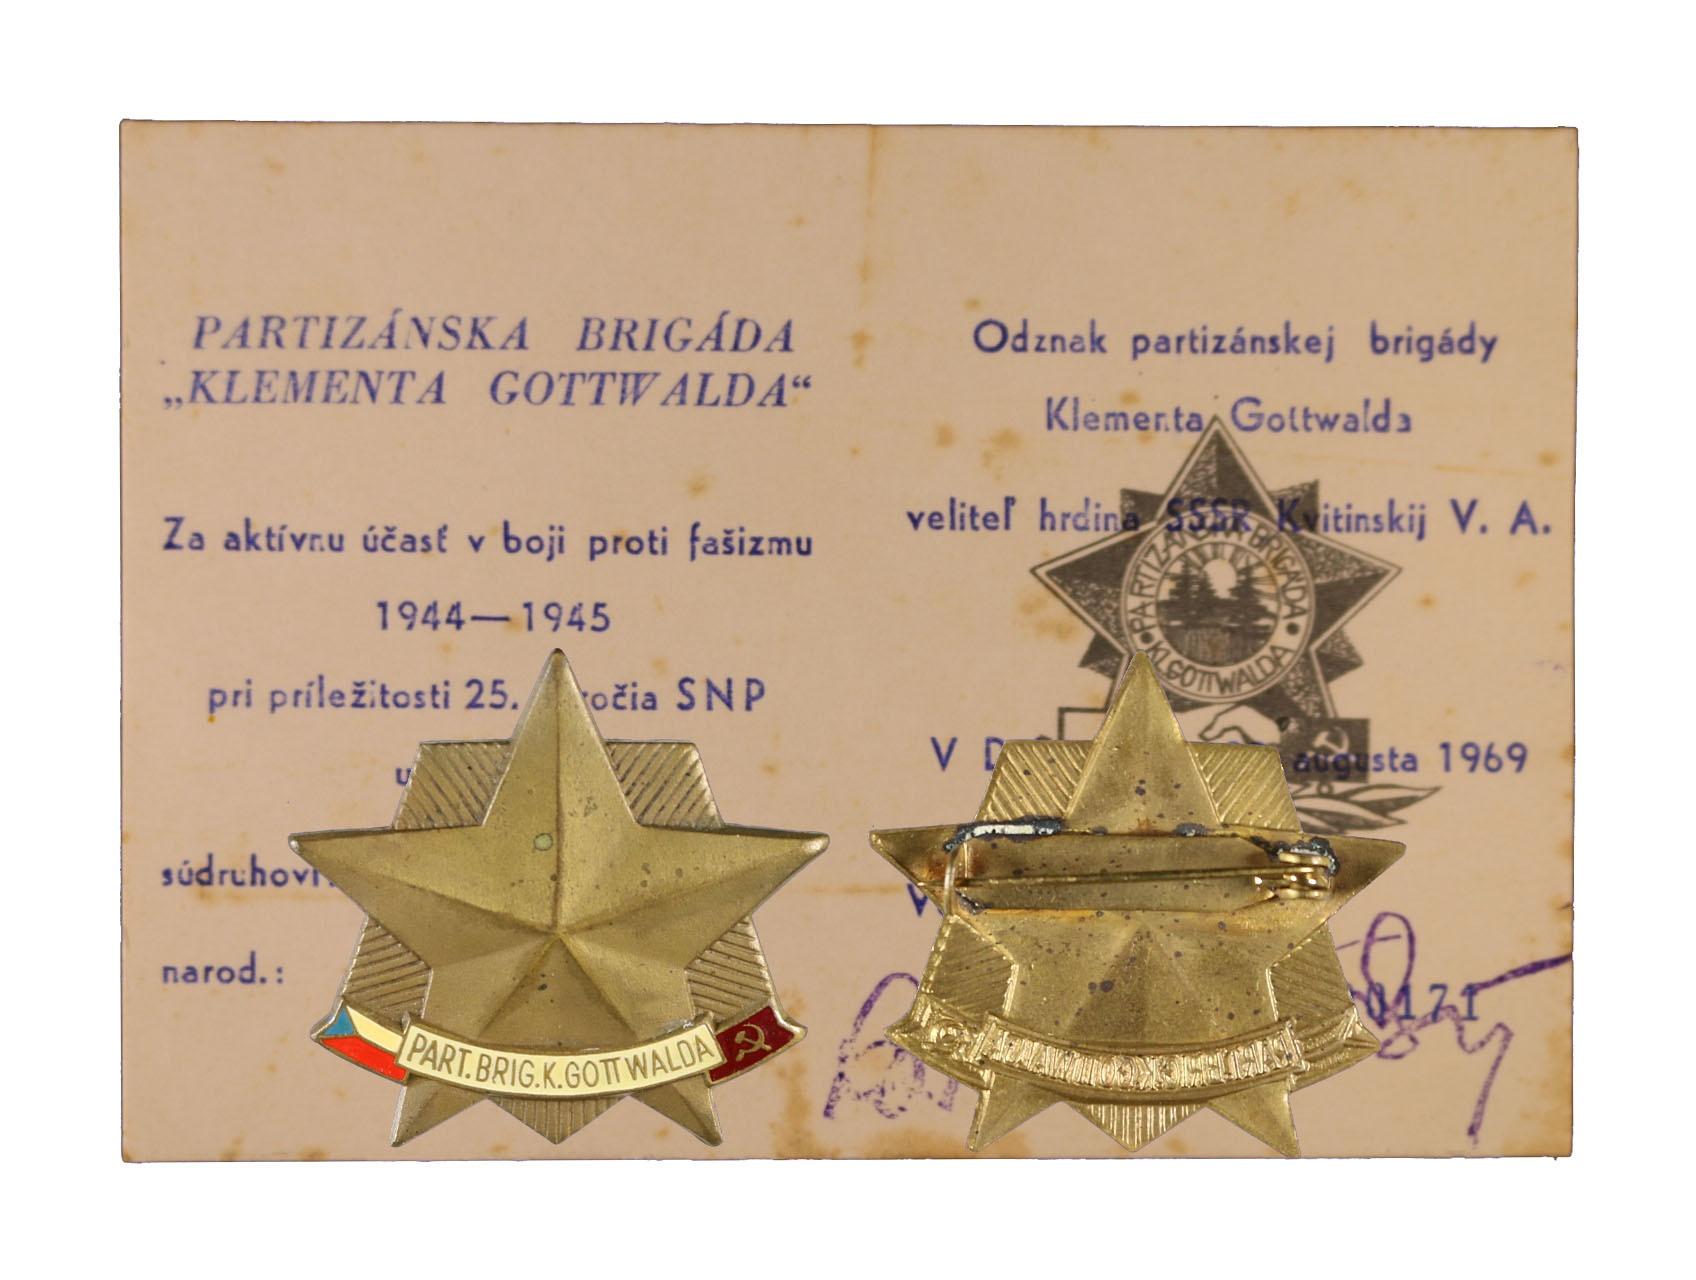 Pamětní odznak partyzánské brigády Klementa Gottwalda s udělovacím dekretem číslo 171, udělen k 25. výročí SNP 23. 8. 1969